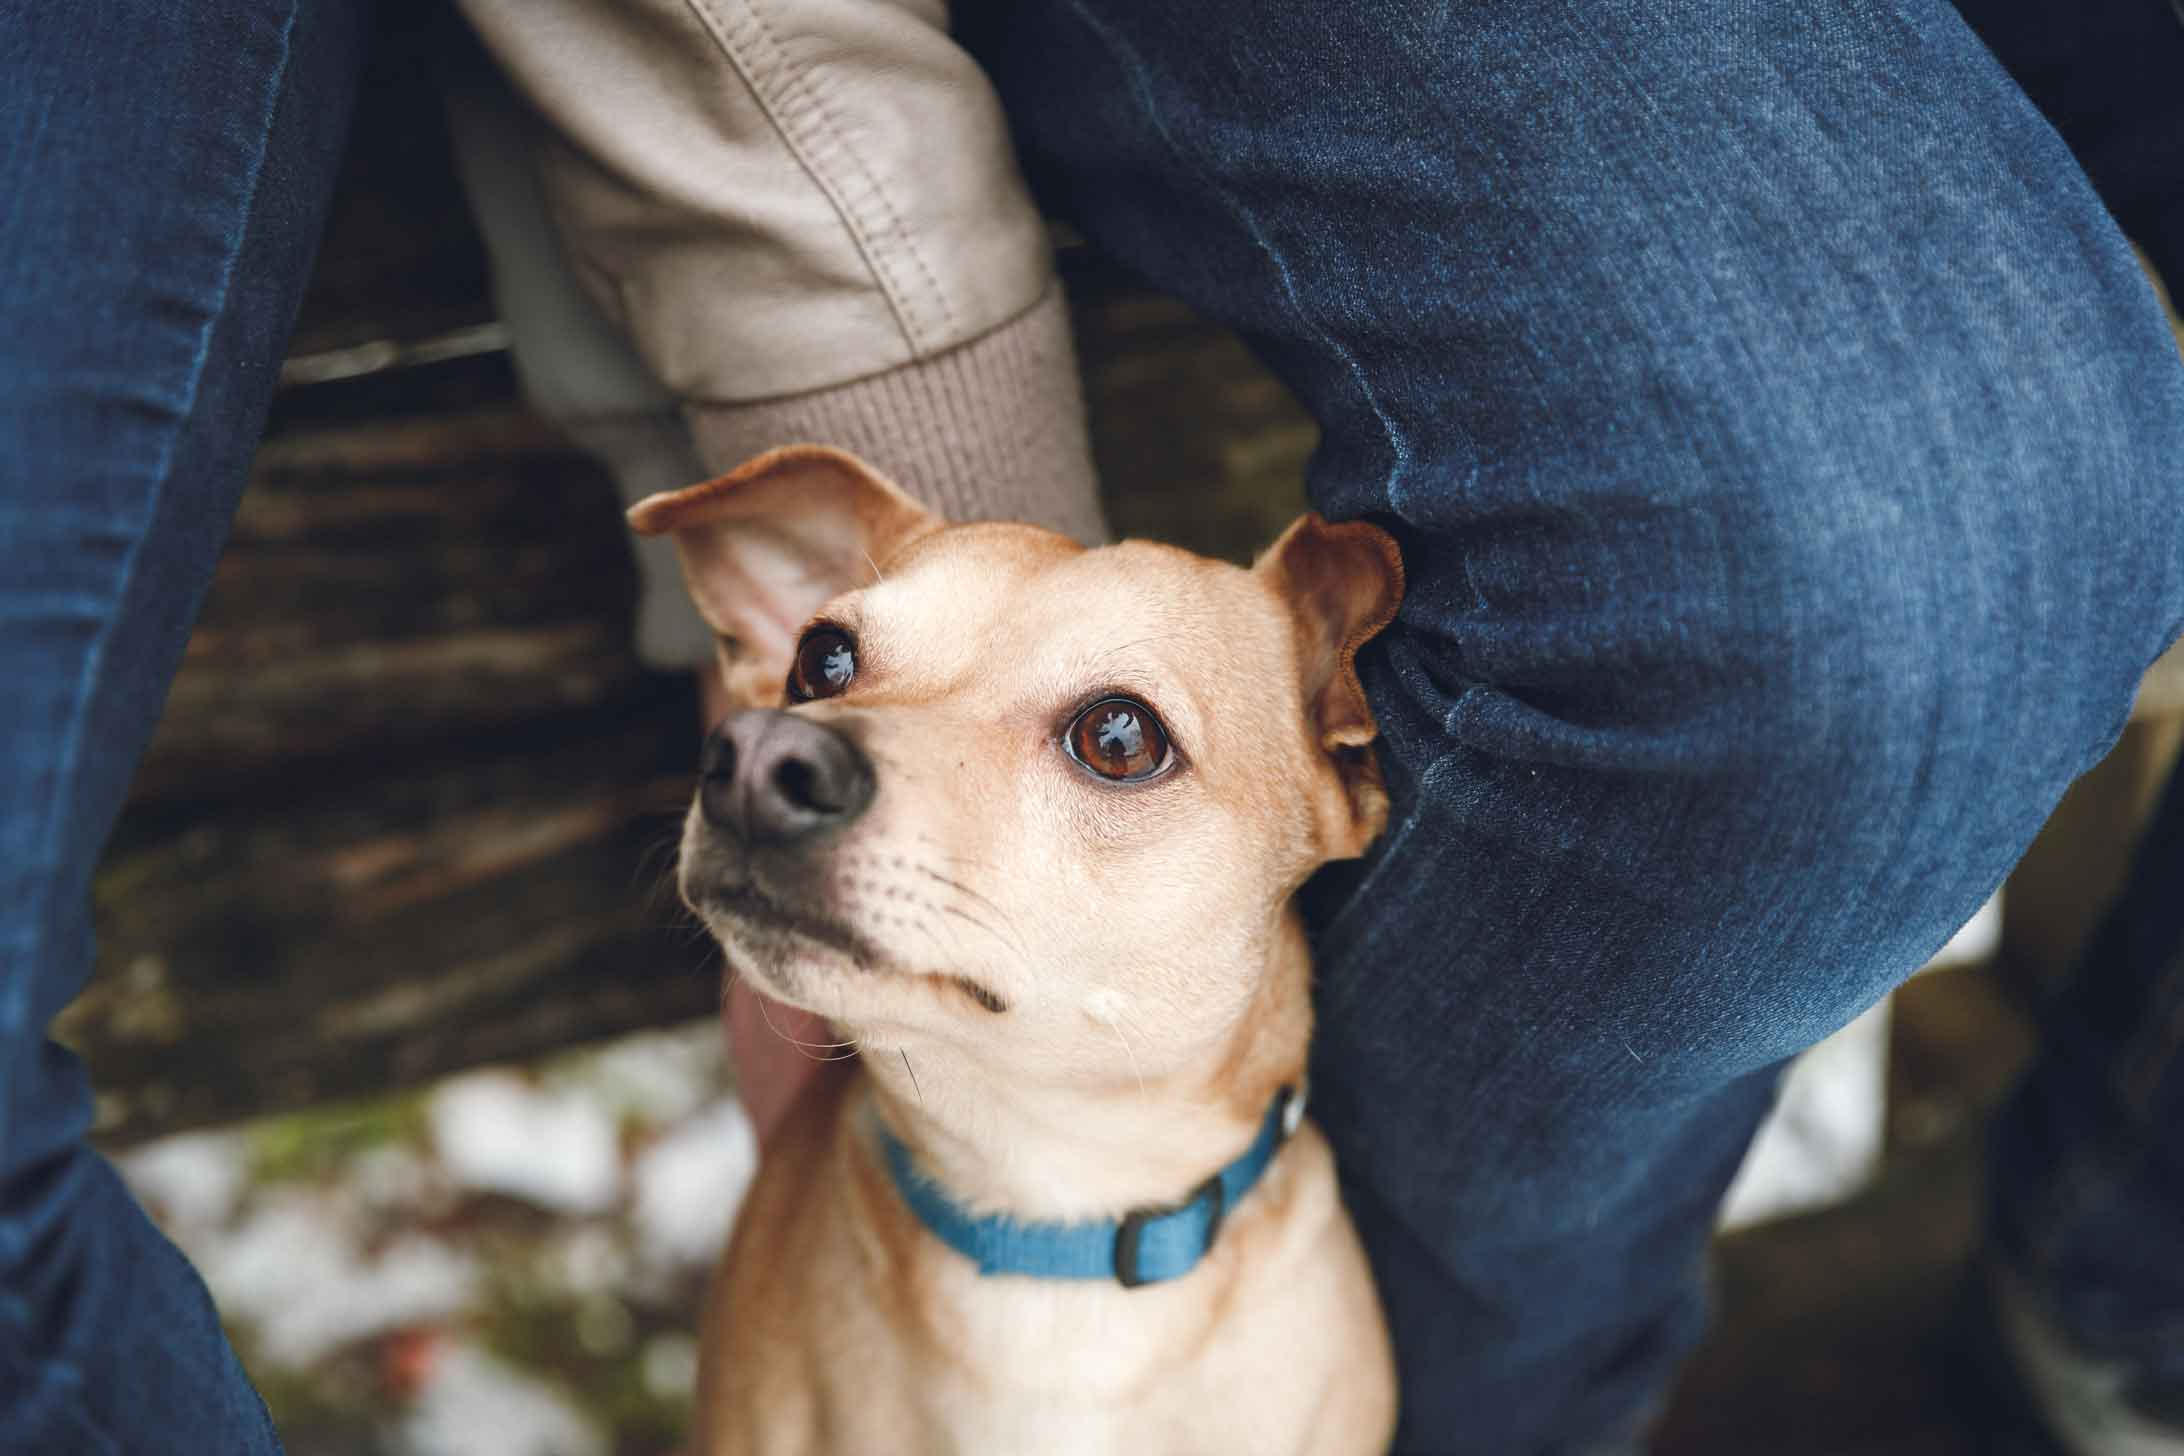 Hund, Katze, Pferd - Tierfotografie IMG 8044w